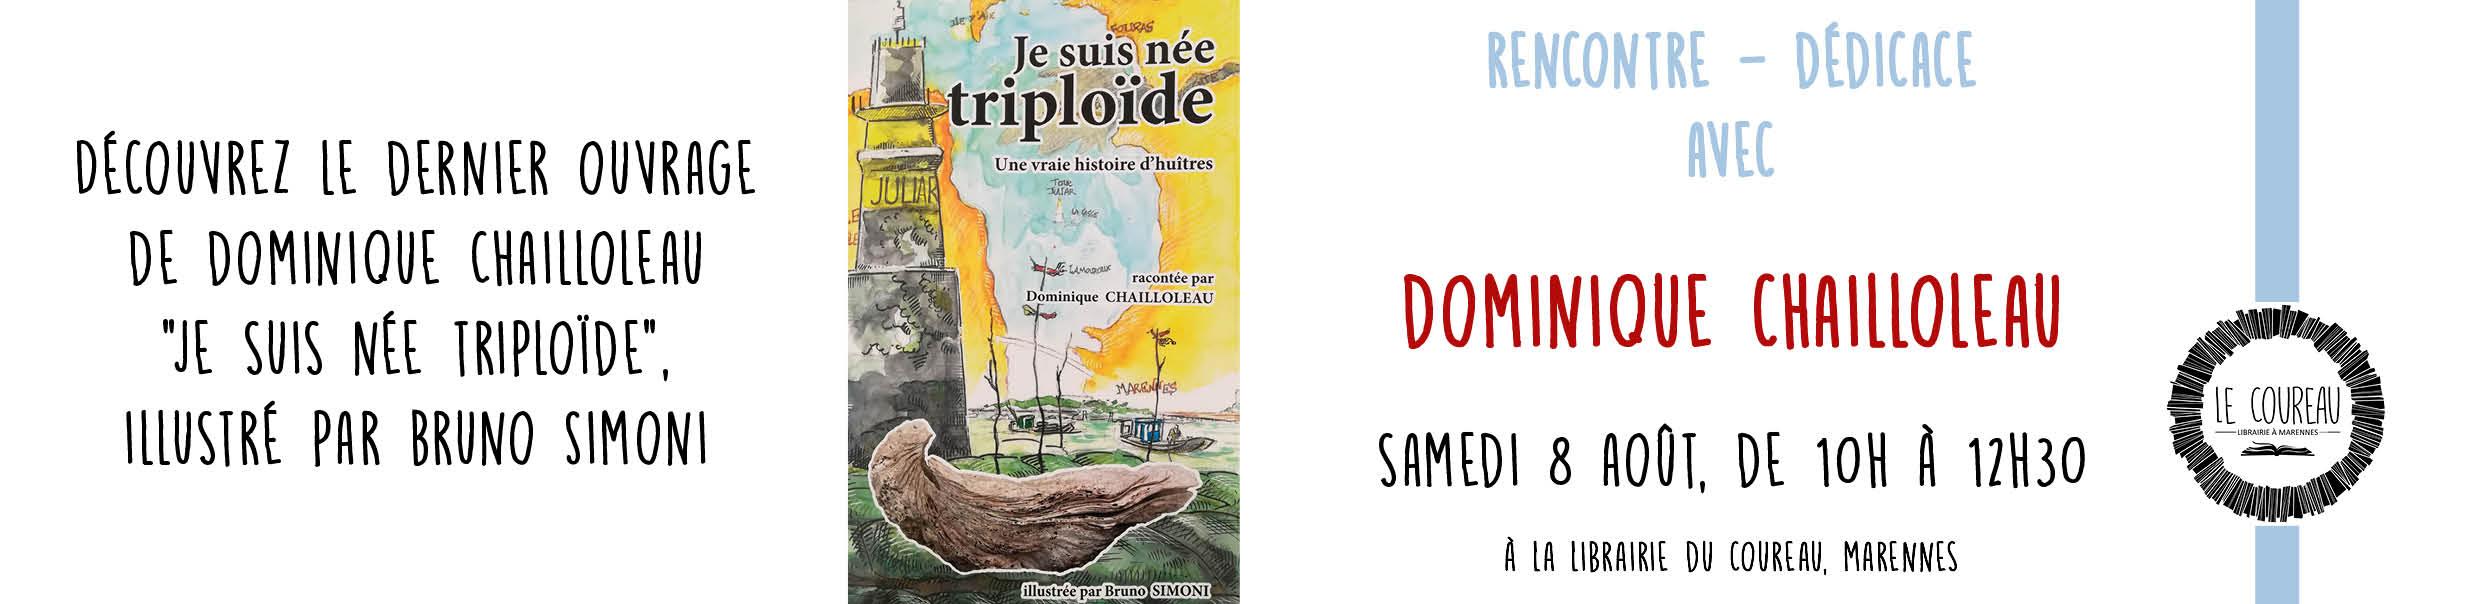 Rencontre dédicace avec Dominique Chailloleau pour la sortie de son ouvrage Je suis née triploïde